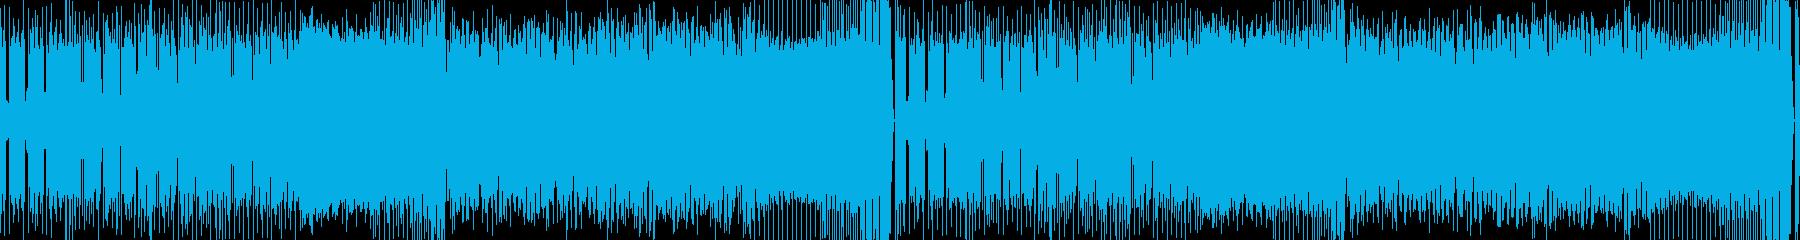 かっこいいエキサイティングなEDMループの再生済みの波形